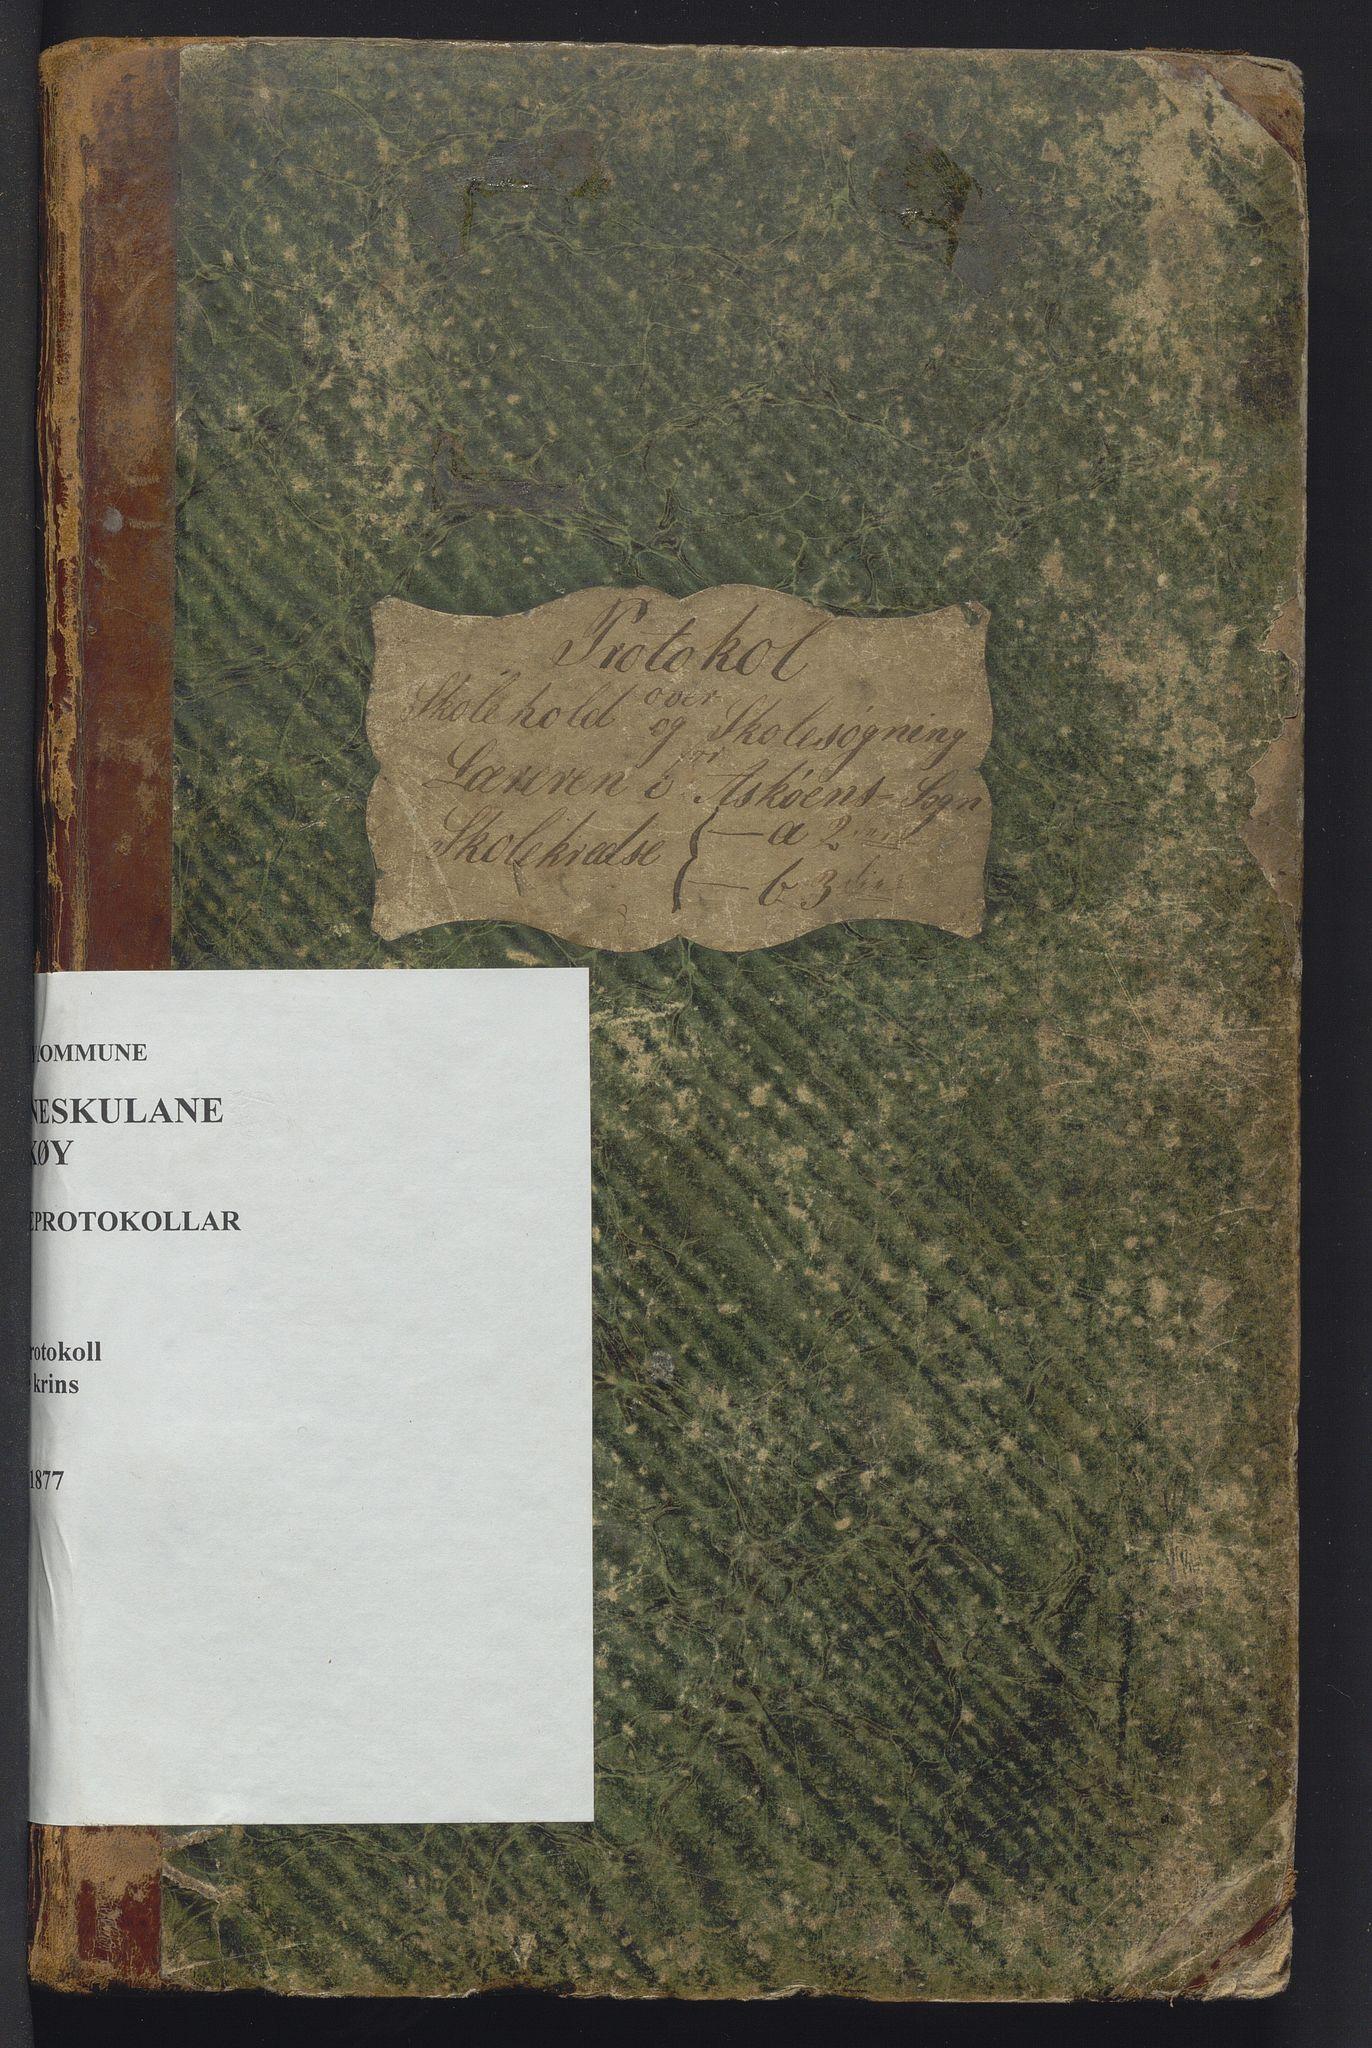 IKAH, Askøy kommune. Barneskulane, F/Fb/L0001: Skuleprotokoll for Kleppe og Follese krinsar, 1863-1877